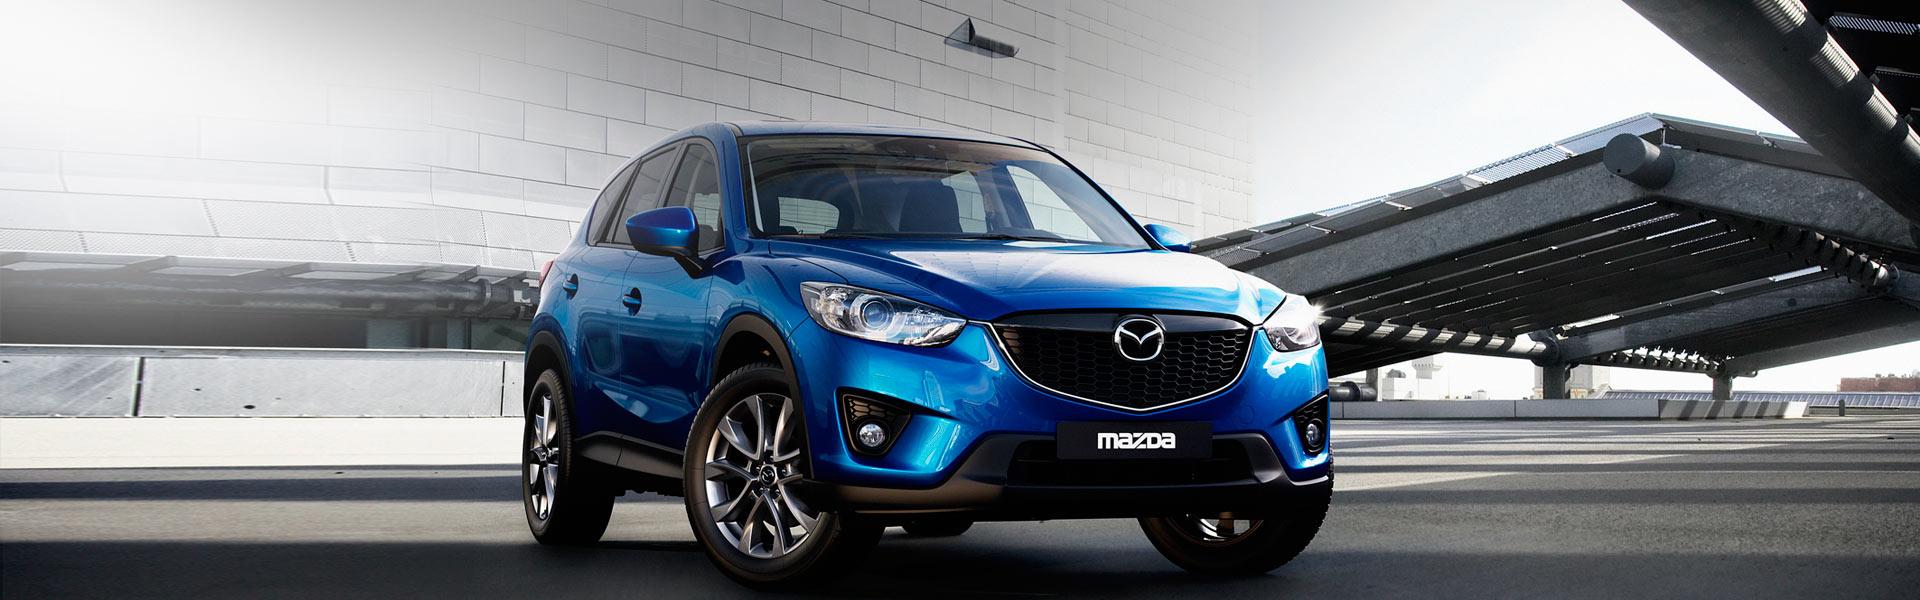 Запчасти на Mazda